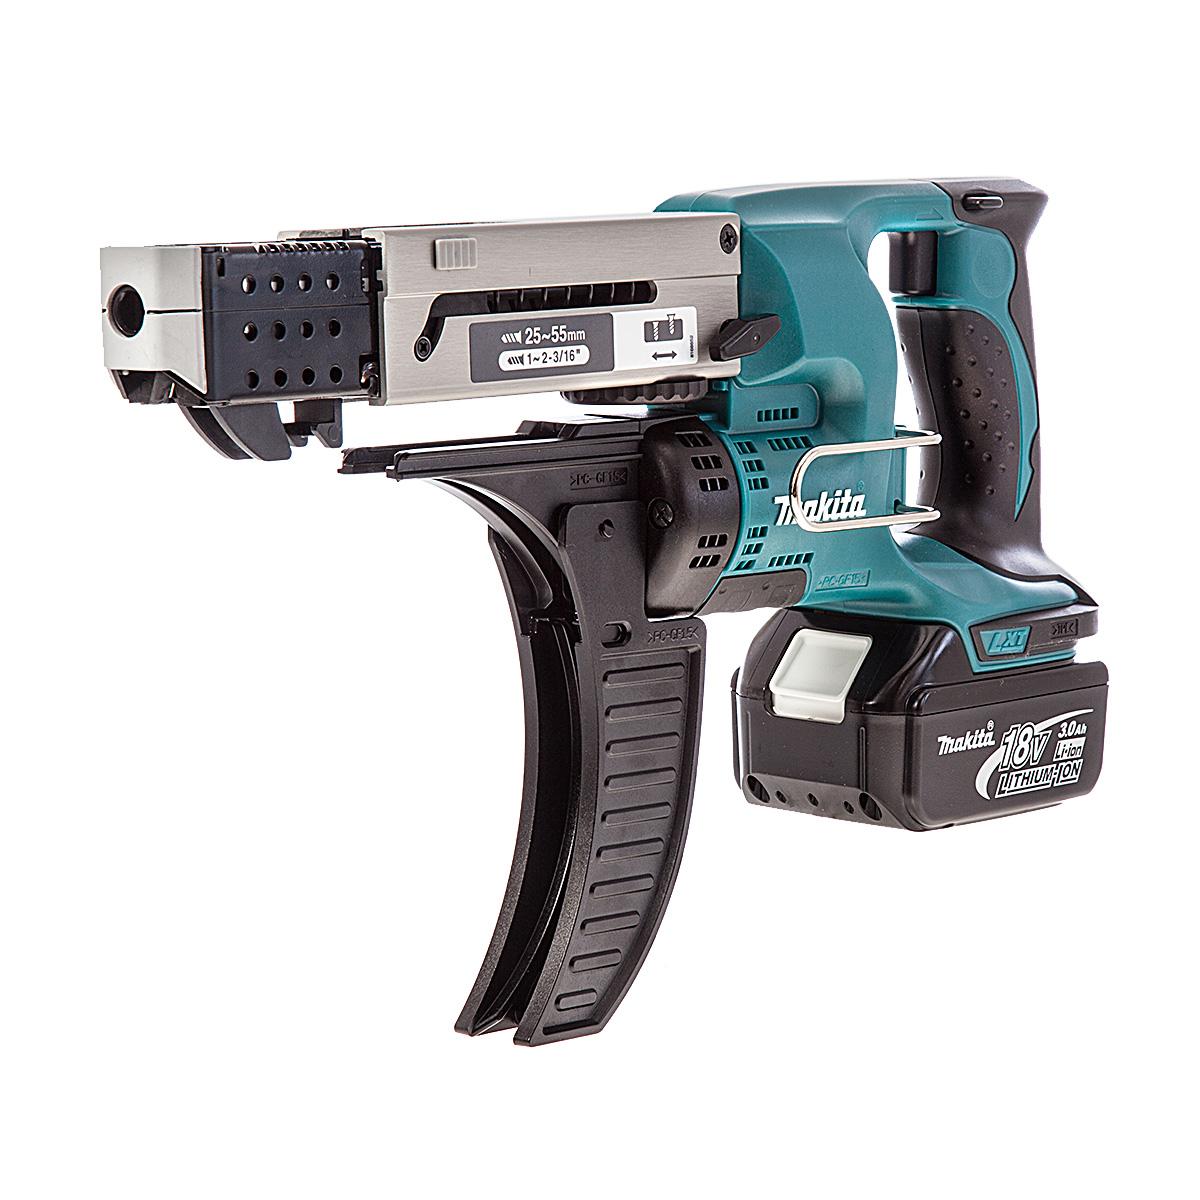 Аккумуляторный магазинный шуруповерт Makita DFR750RFE  цены